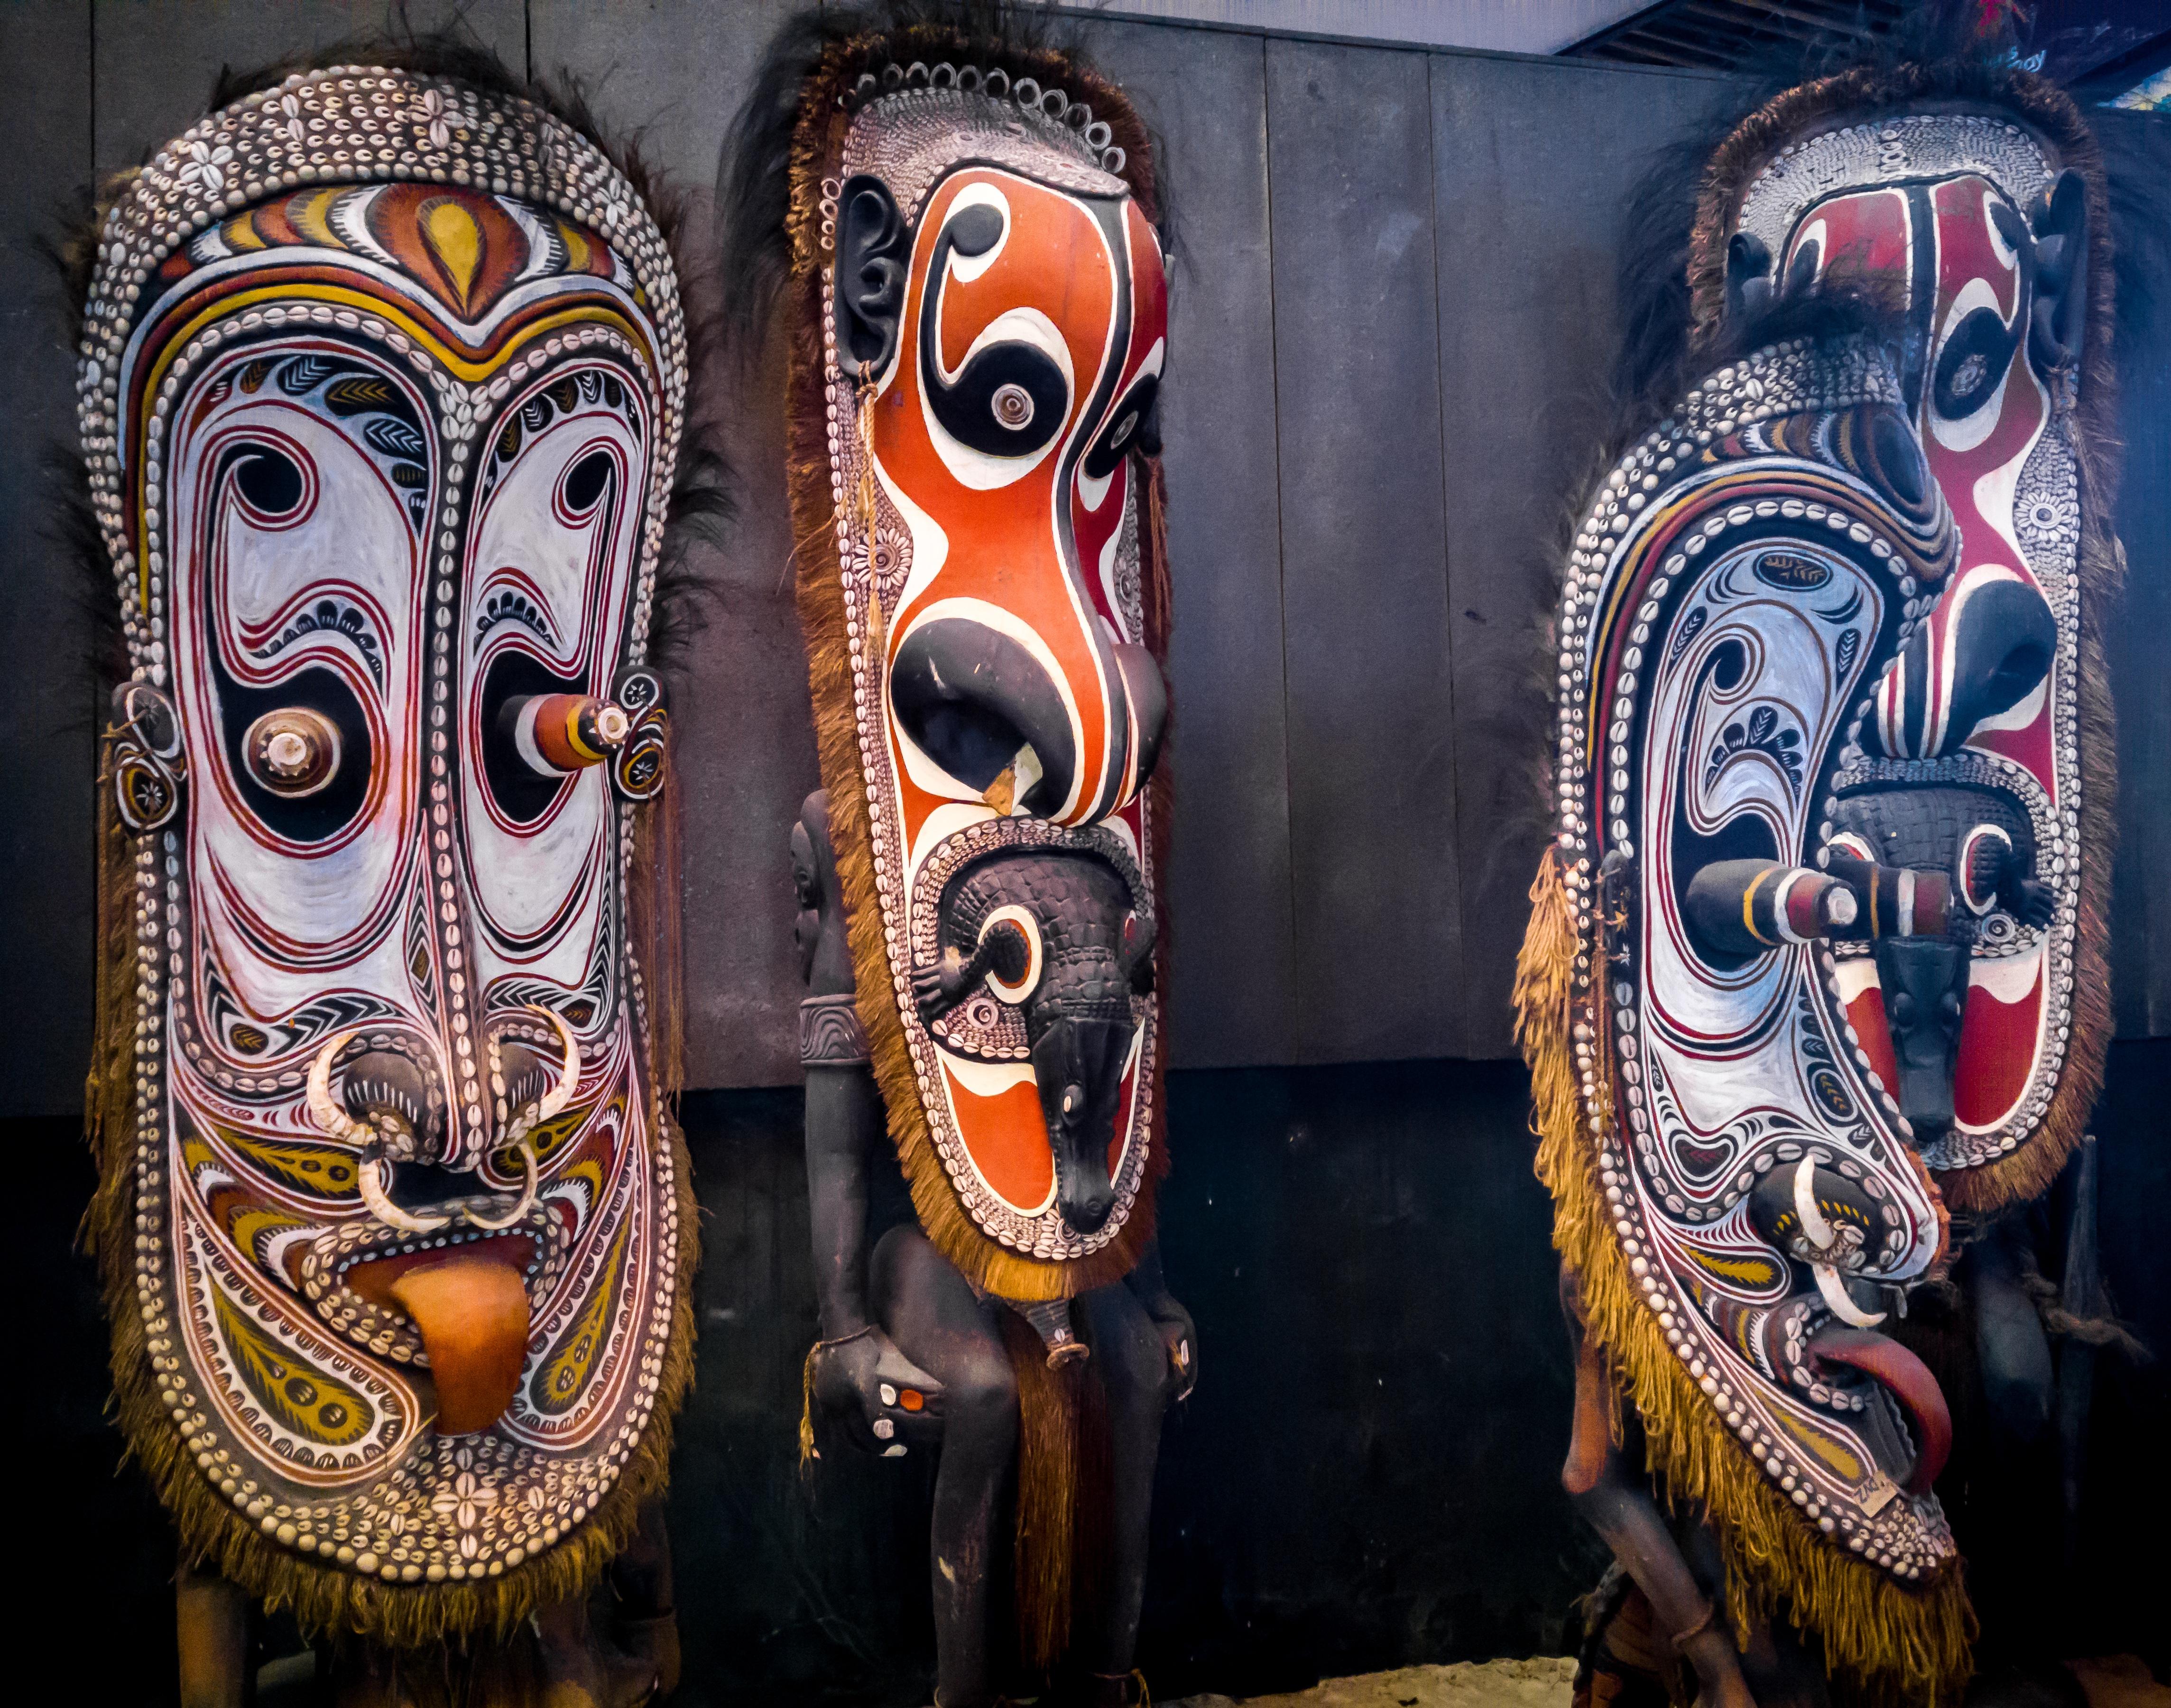 Mercado de Artesanato de Ela Beach, Papua Nova Guiné